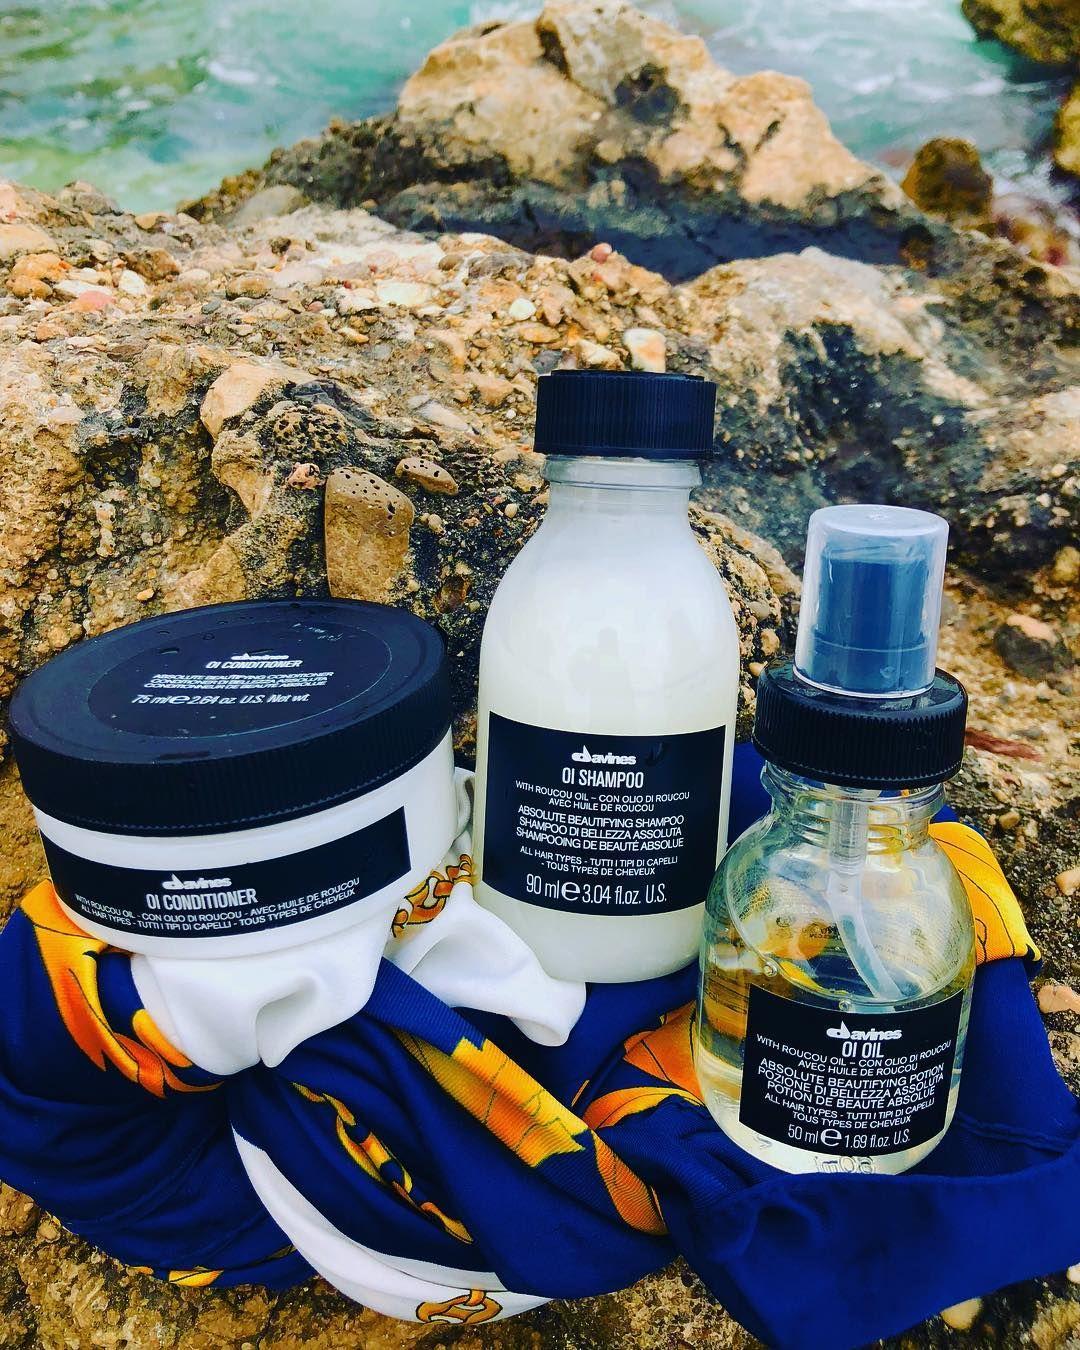 Usamos productos naturales y orgánicos